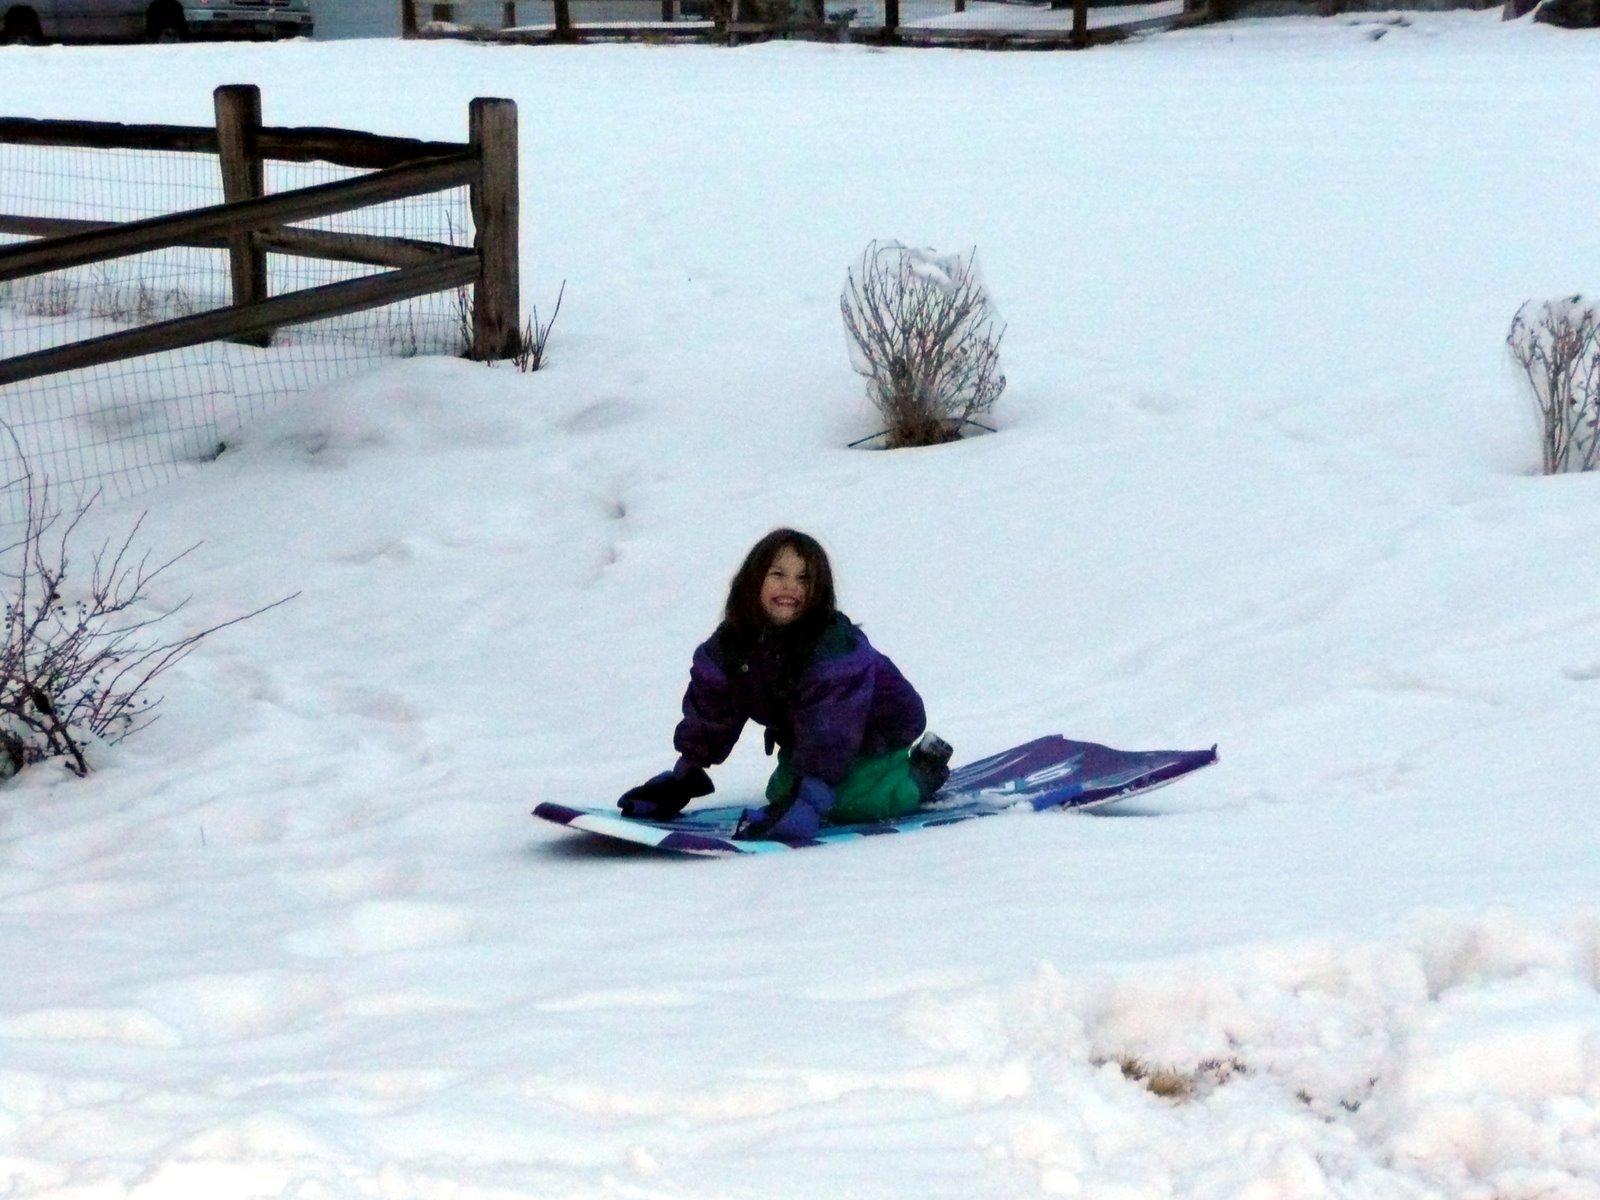 [maddie+sledding.jpg]